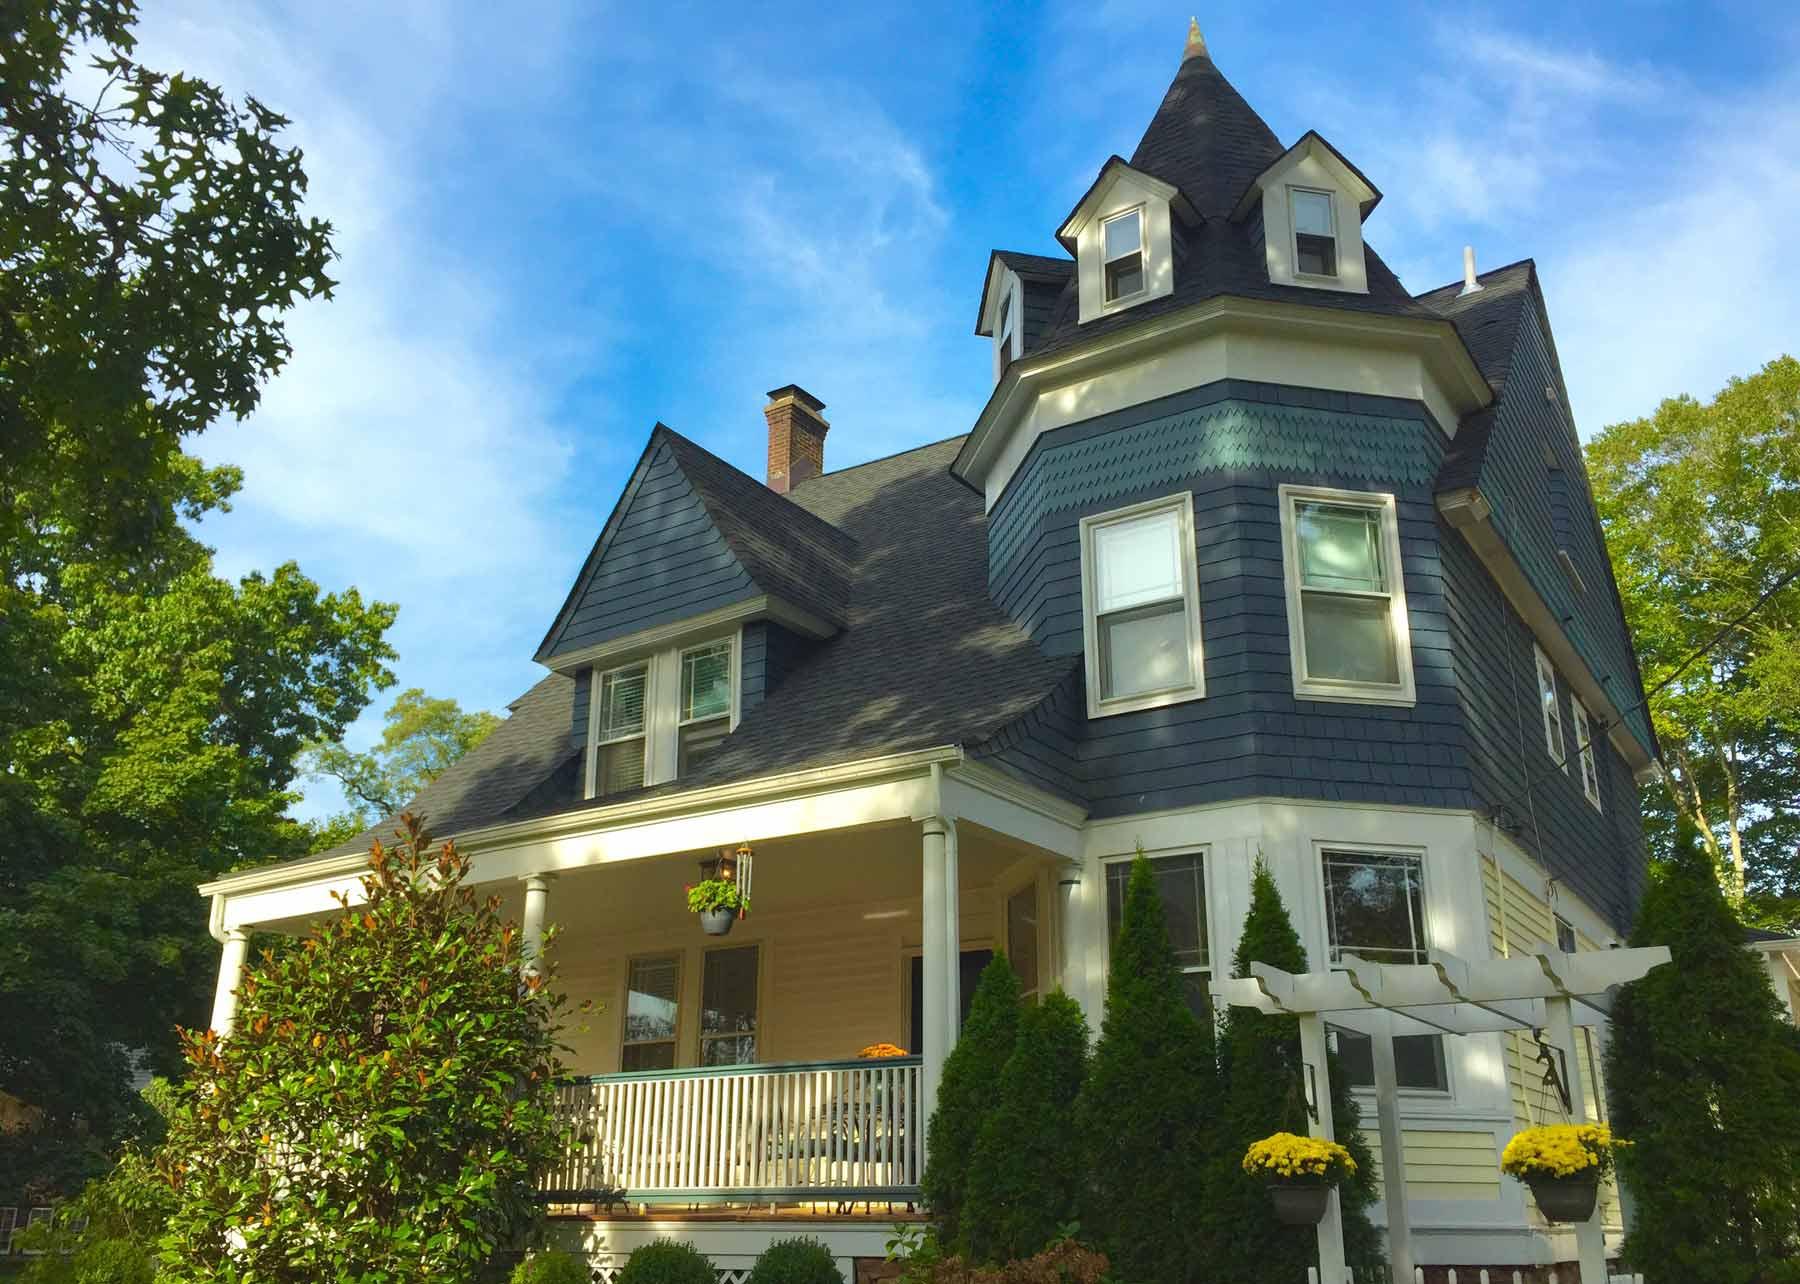 No. 139 Maplewood Avenue